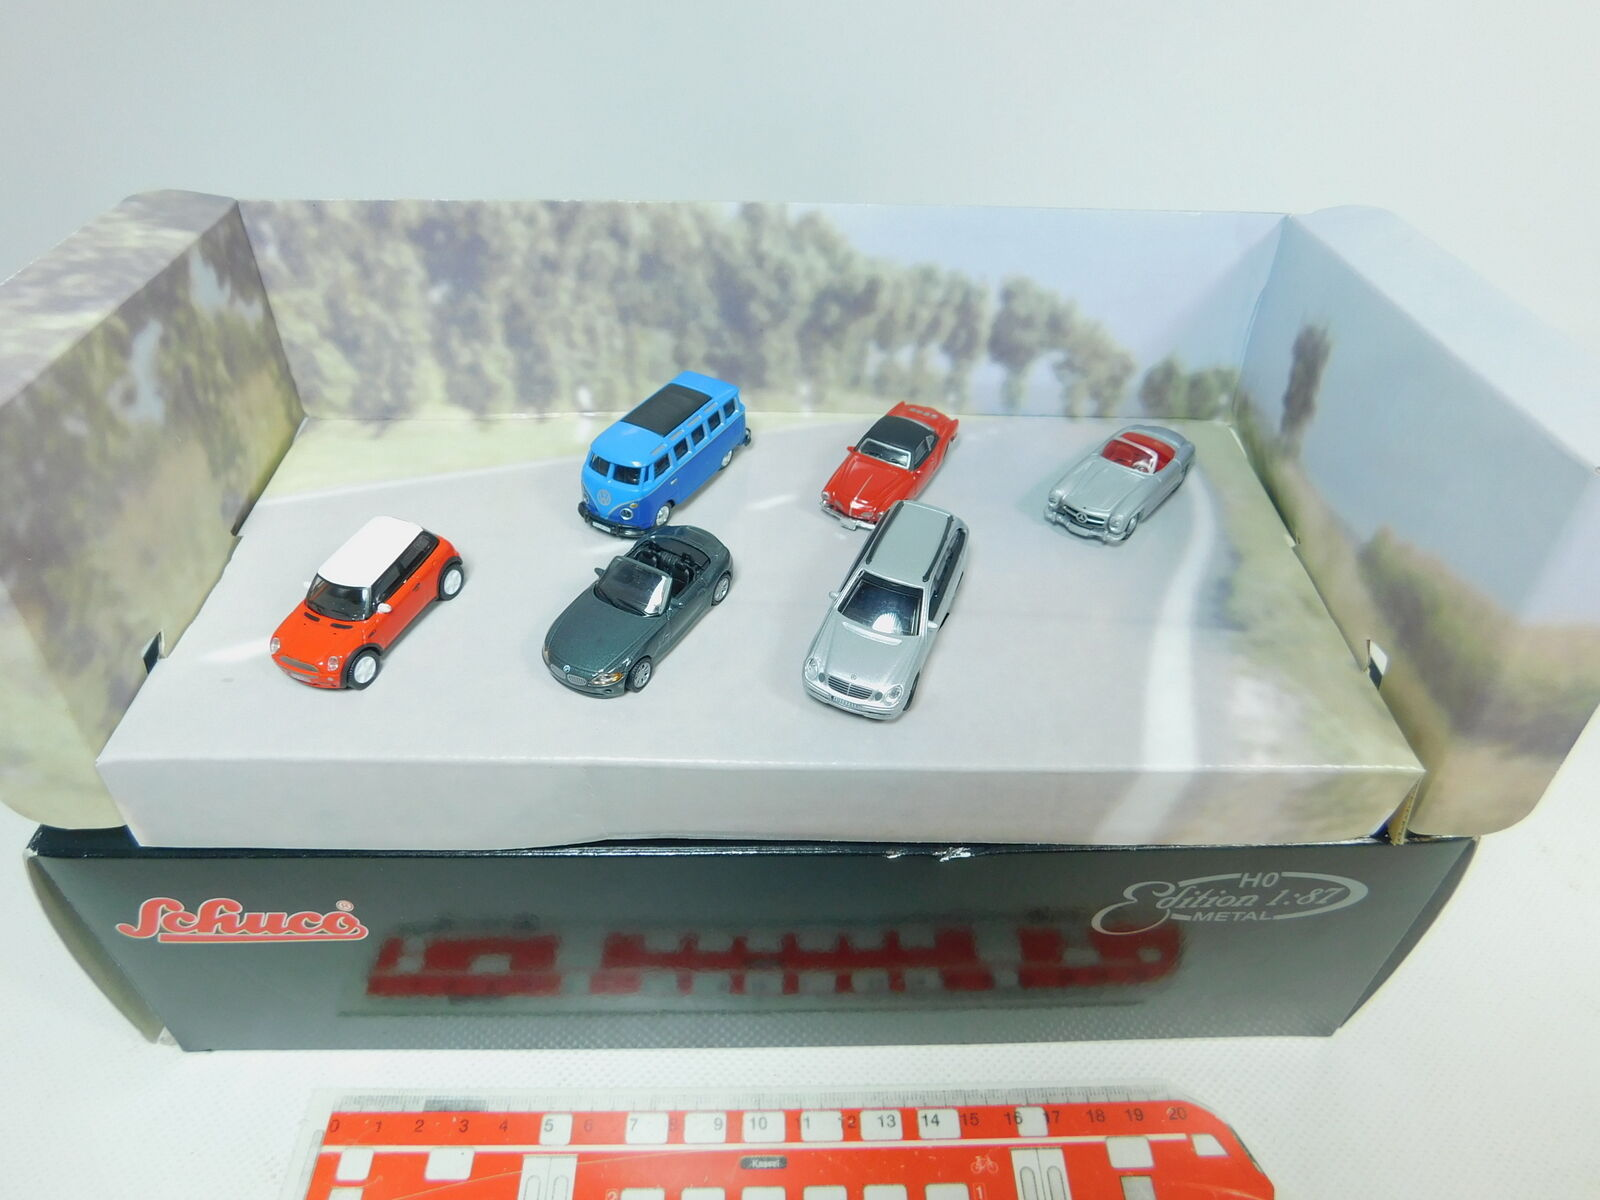 Bn2-0, 5  SCHUCO EDITION METAL h0 1 87 2315 9655 Set  BMW  MB  VW, neuf dans sa boîte